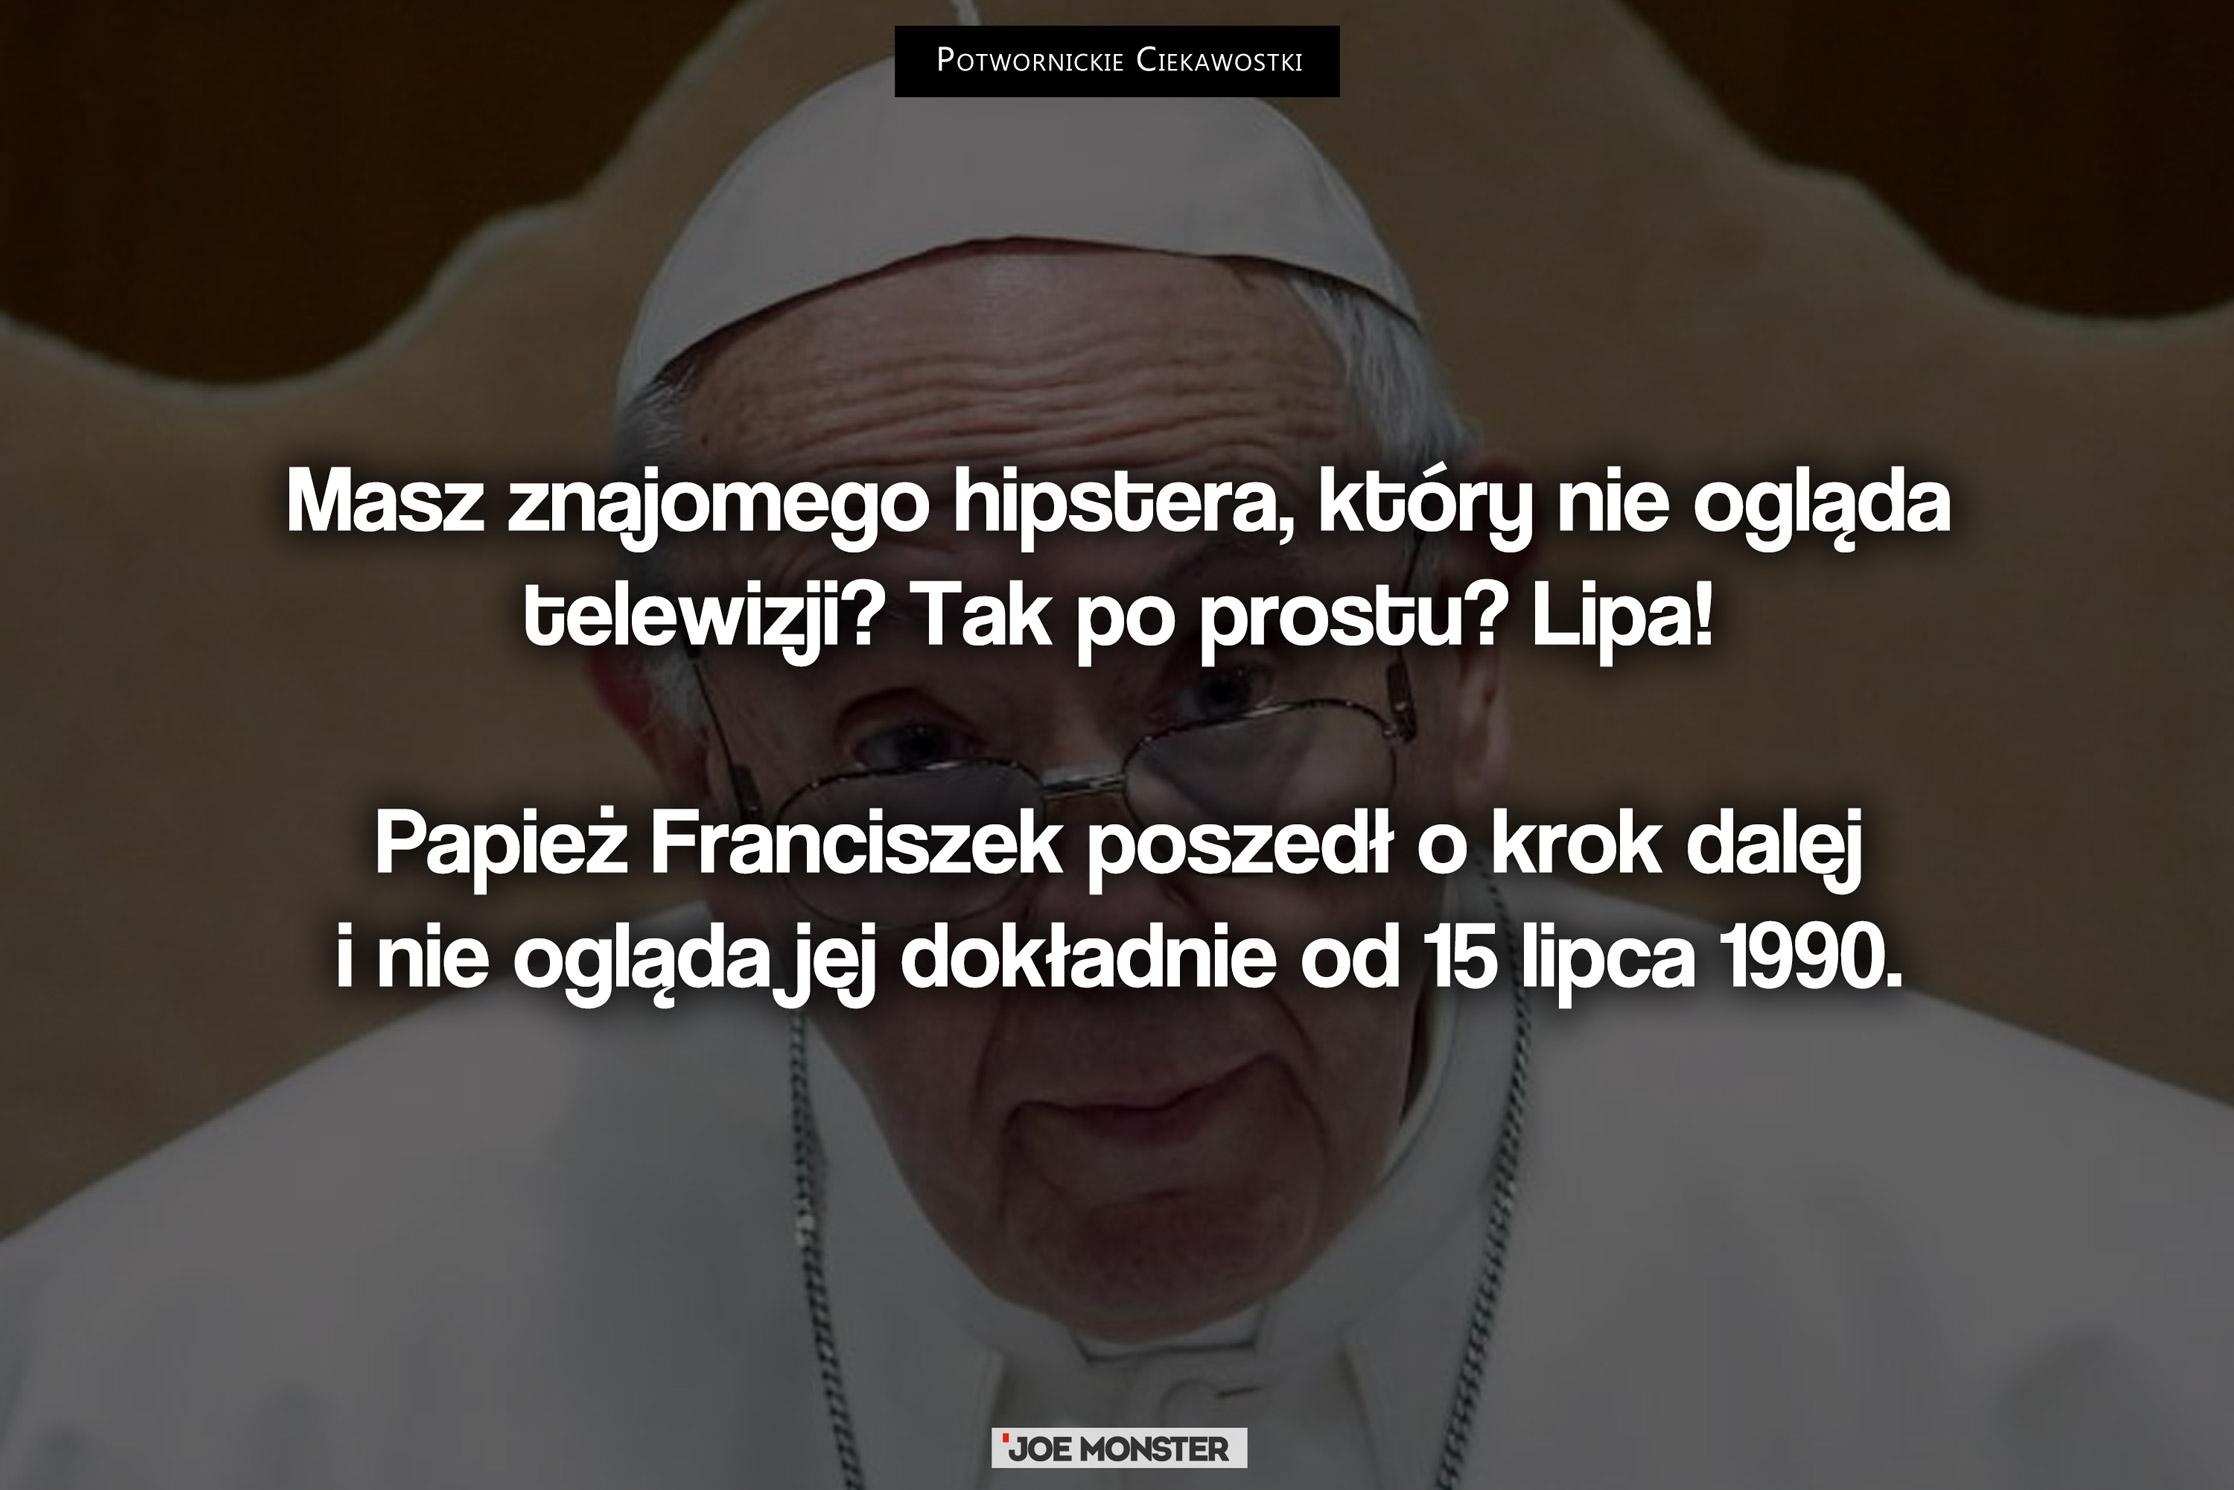 Masz znajomego hipstera, który nie ogląda telewizji? Tak po prostu? Lipa! Papież Franciszek poszedł o krok dalej i nie ogląda jej dokładnie od 15 lipca 1990.